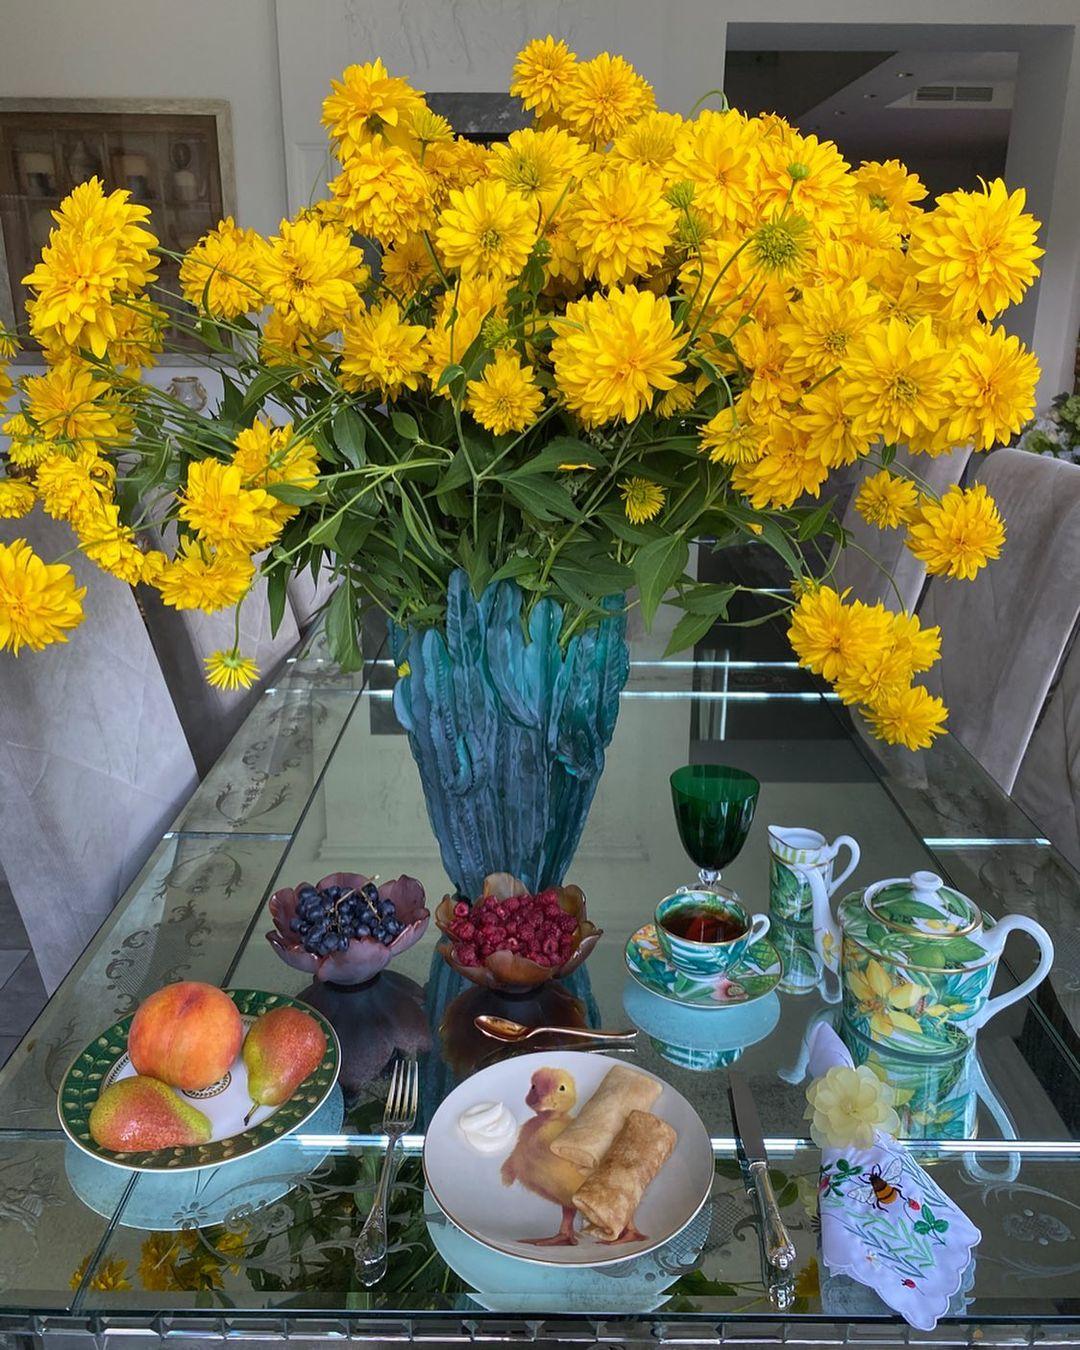 Желтые шары, Цветы, Завтраки Яны Рудковской